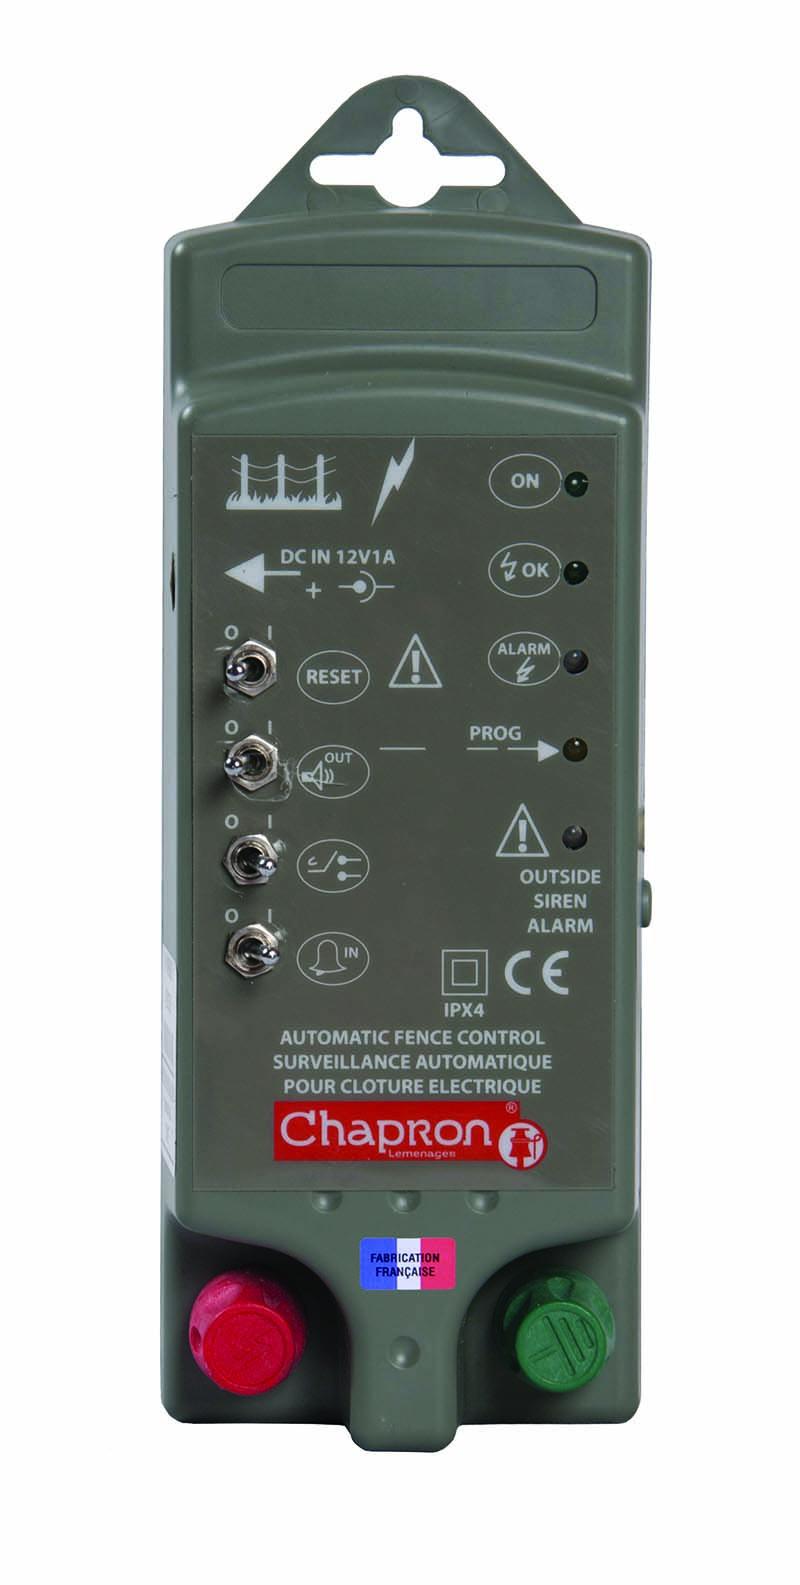 Chapron SATURNE alarm pro hlídání napětí a uzemnění elektrického ohradníku